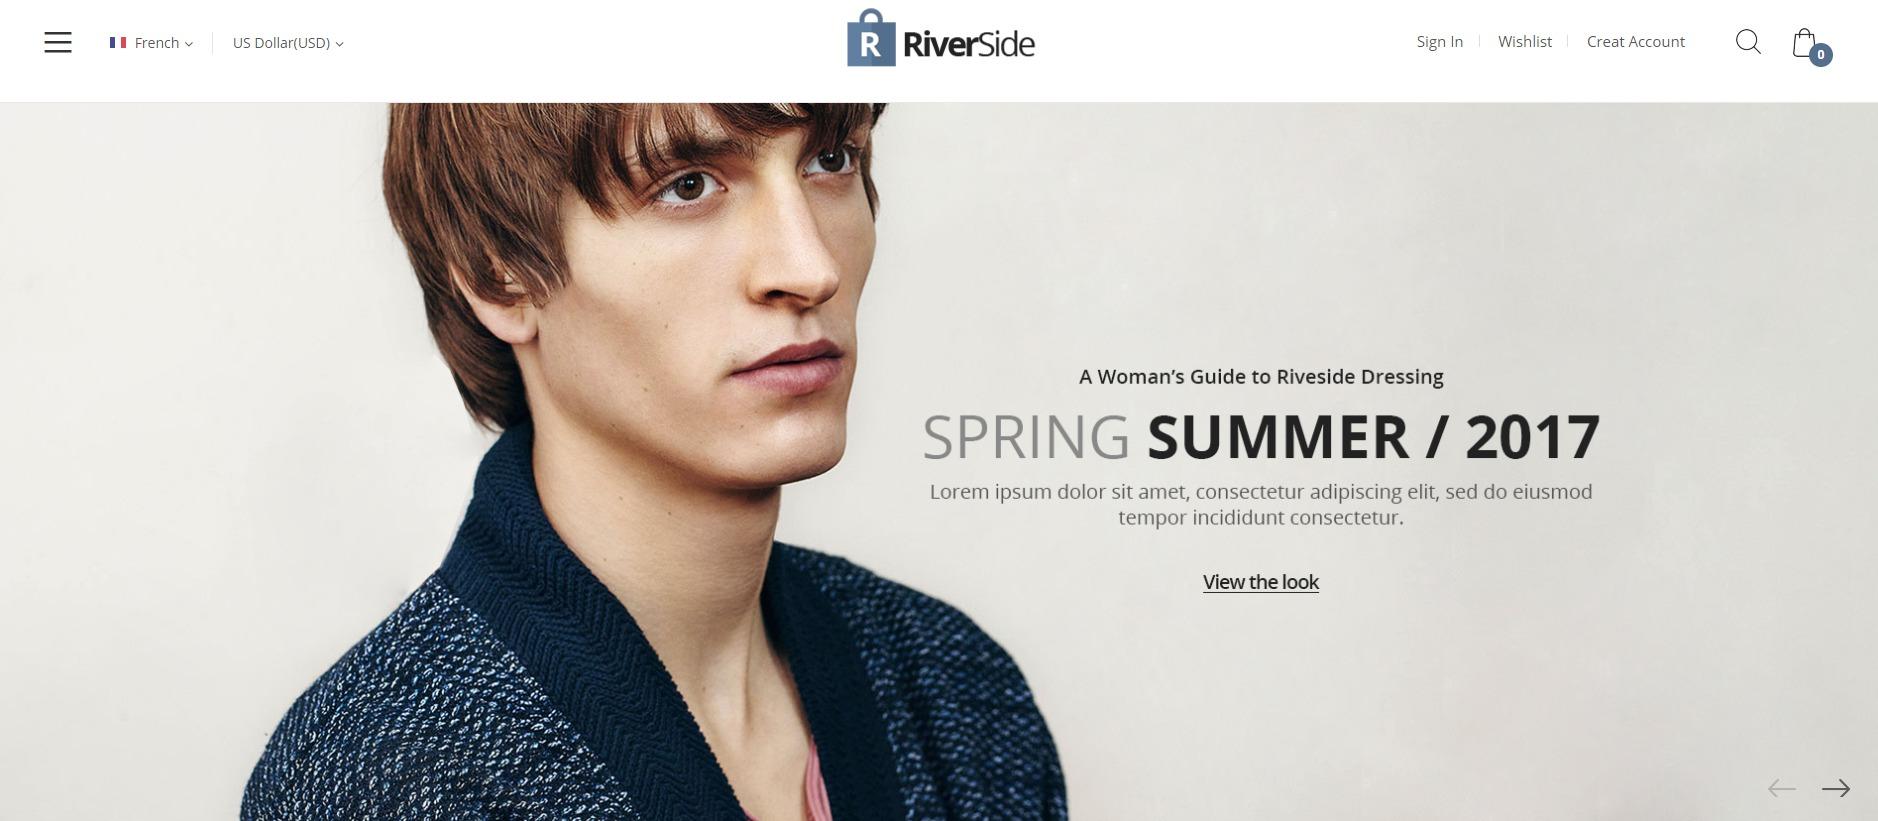 Riverside theme